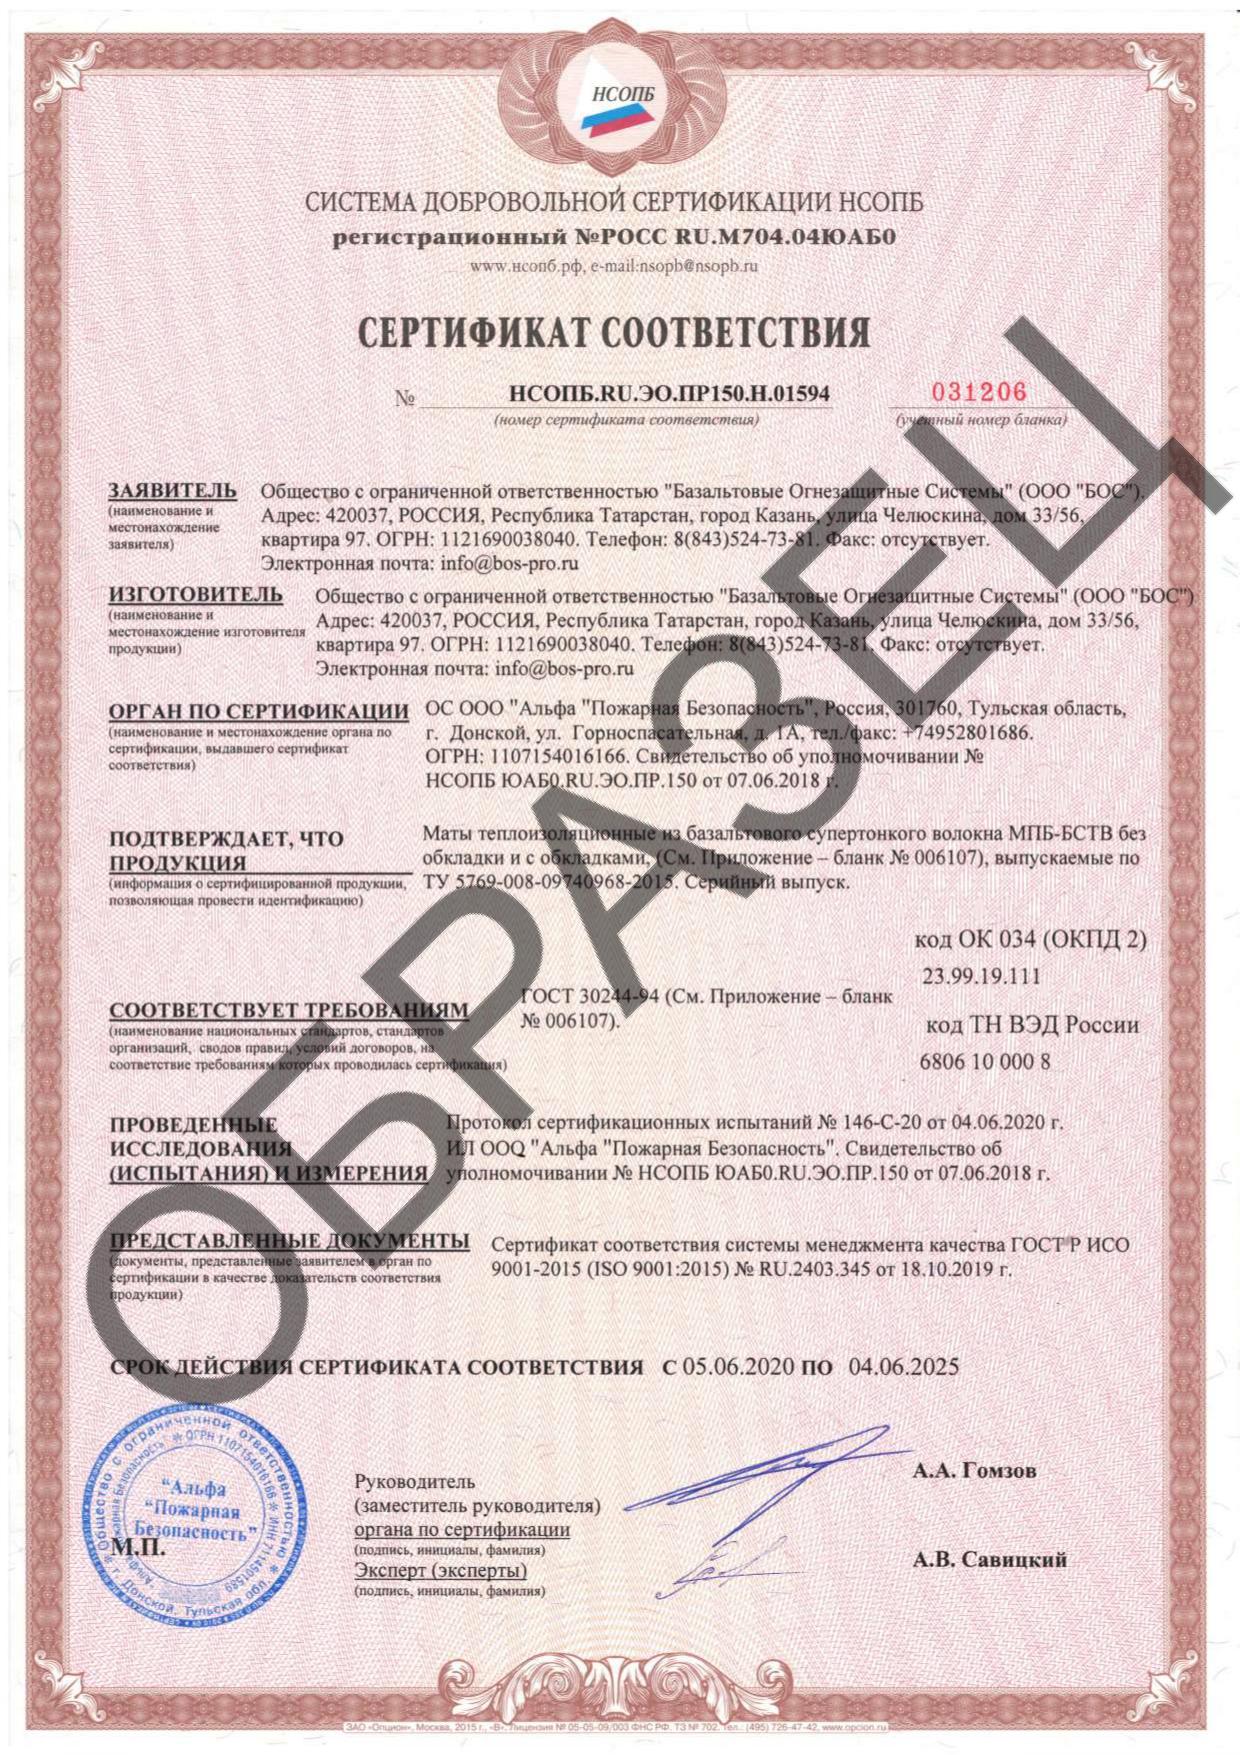 Сертификат МБОР на огнестойкость